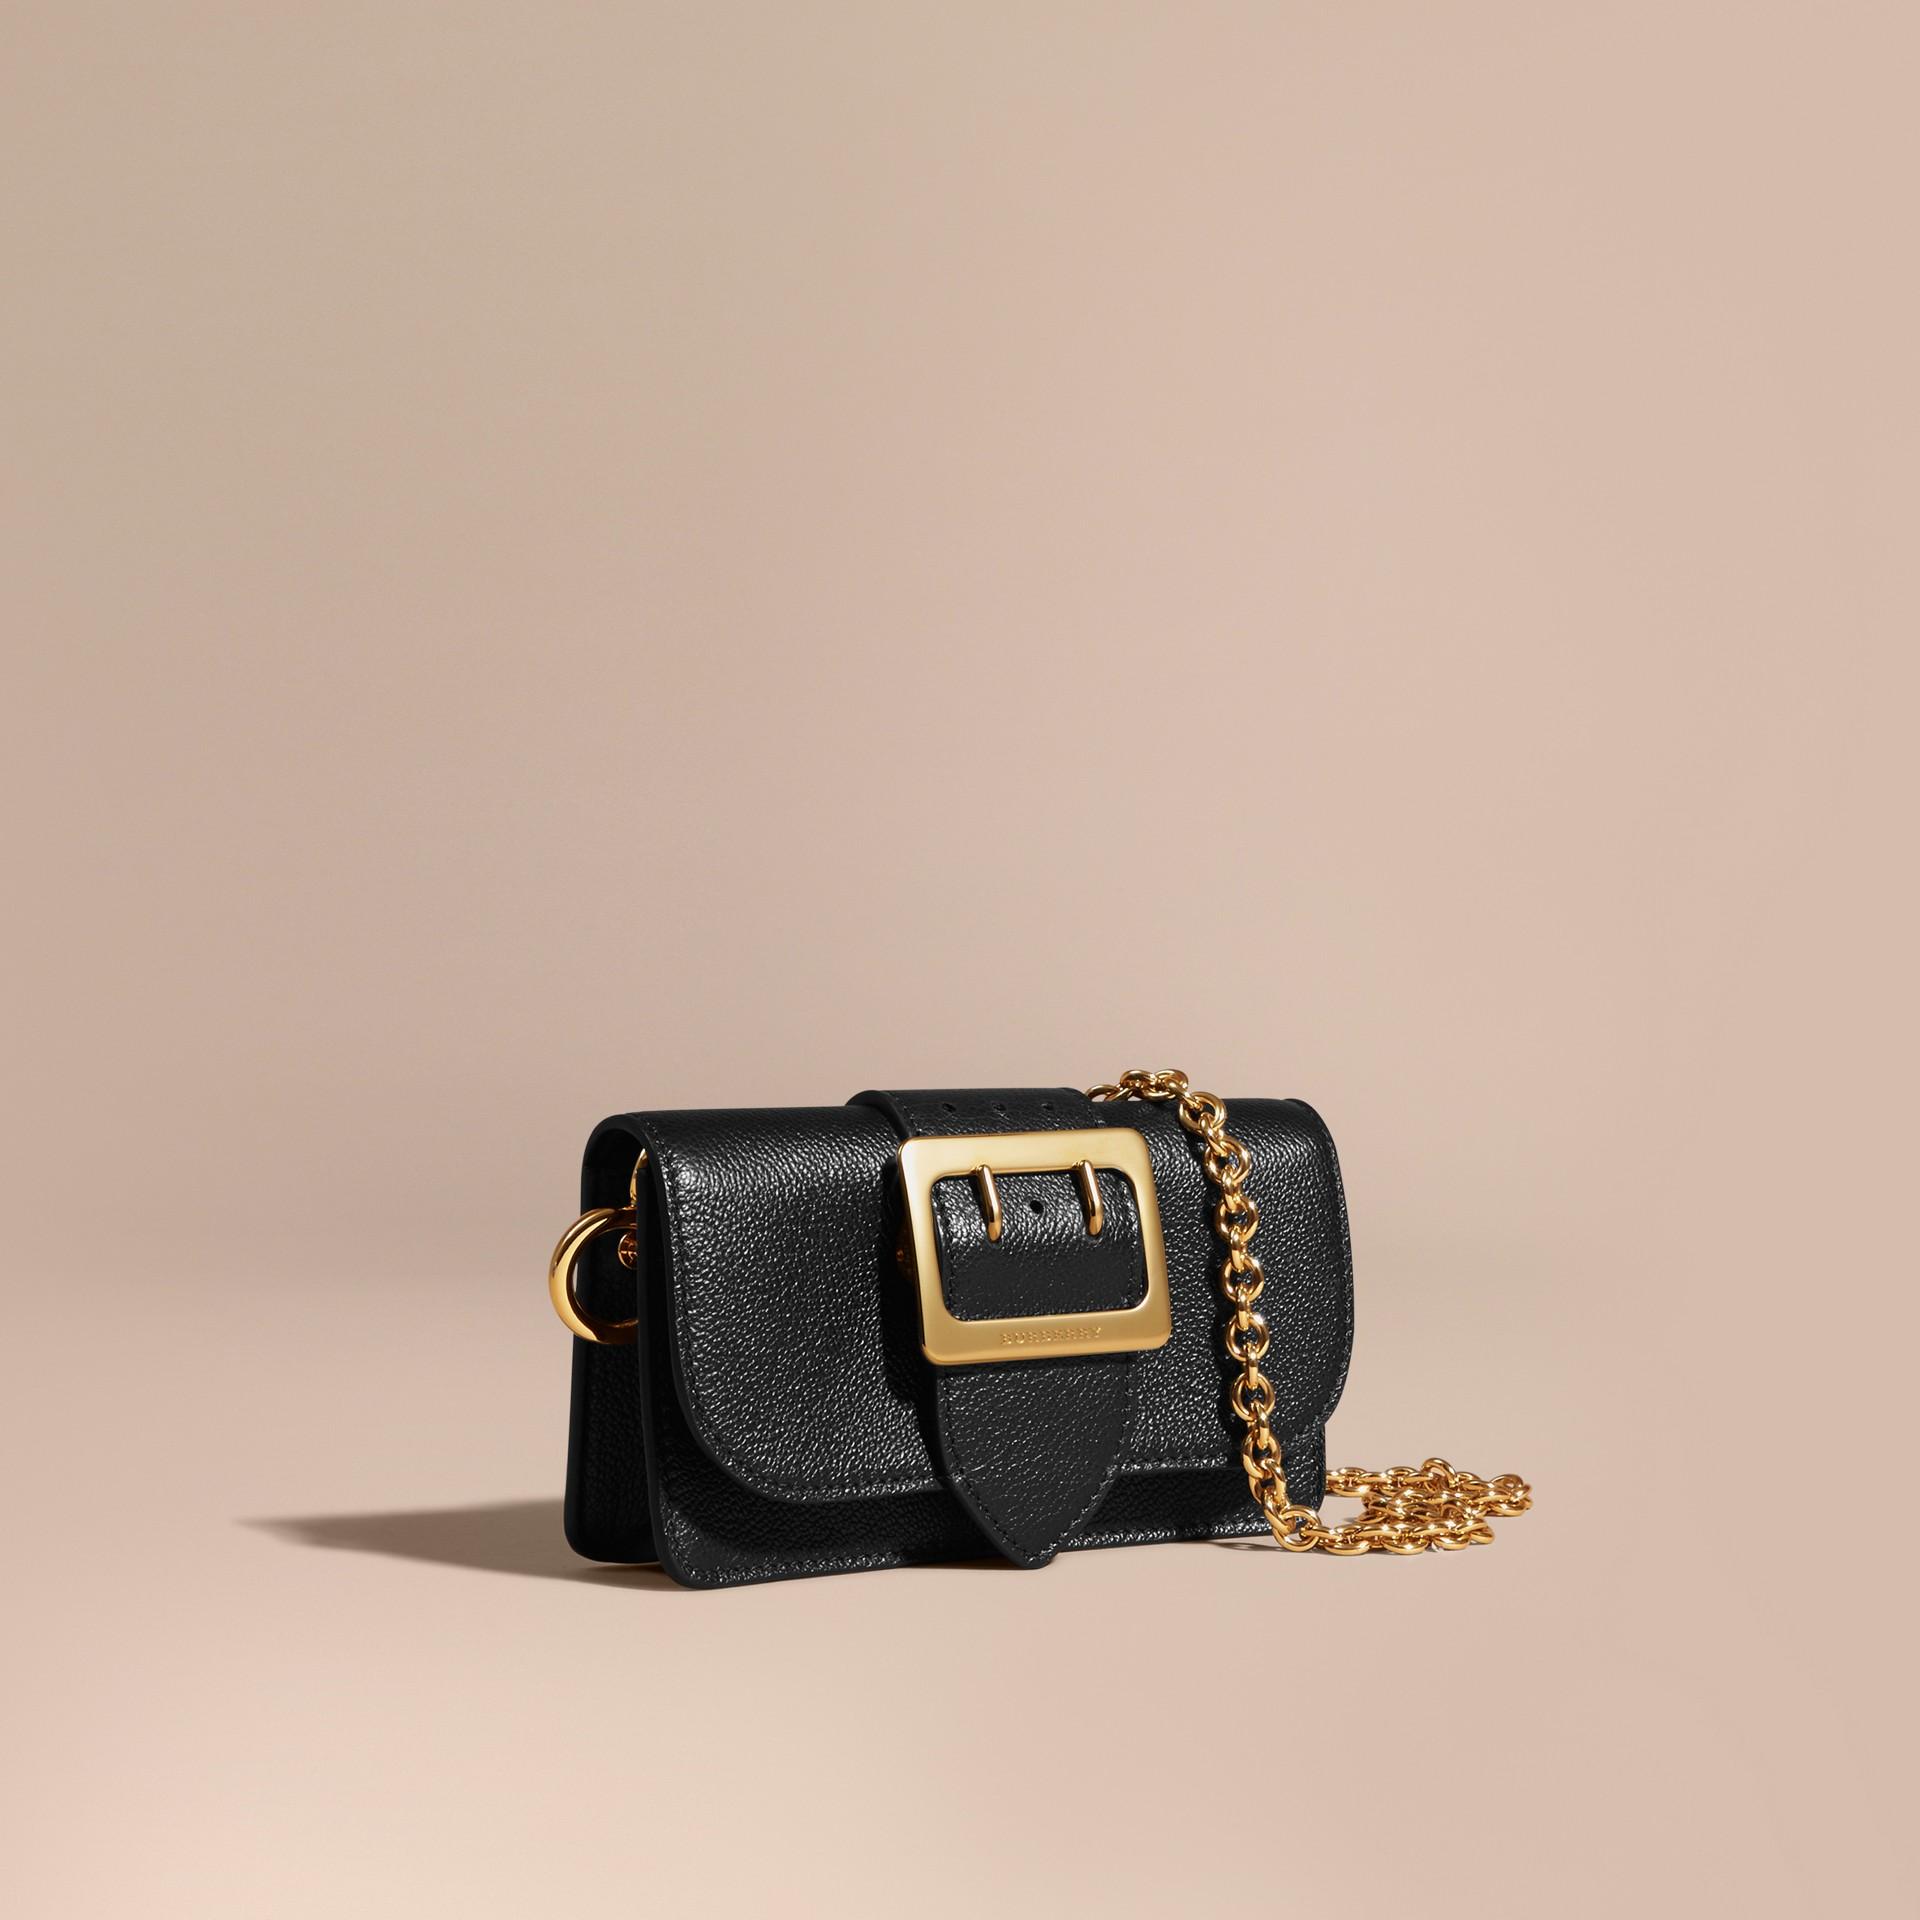 Noir Mini sac The Buckle en cuir grainé Noir - photo de la galerie 1